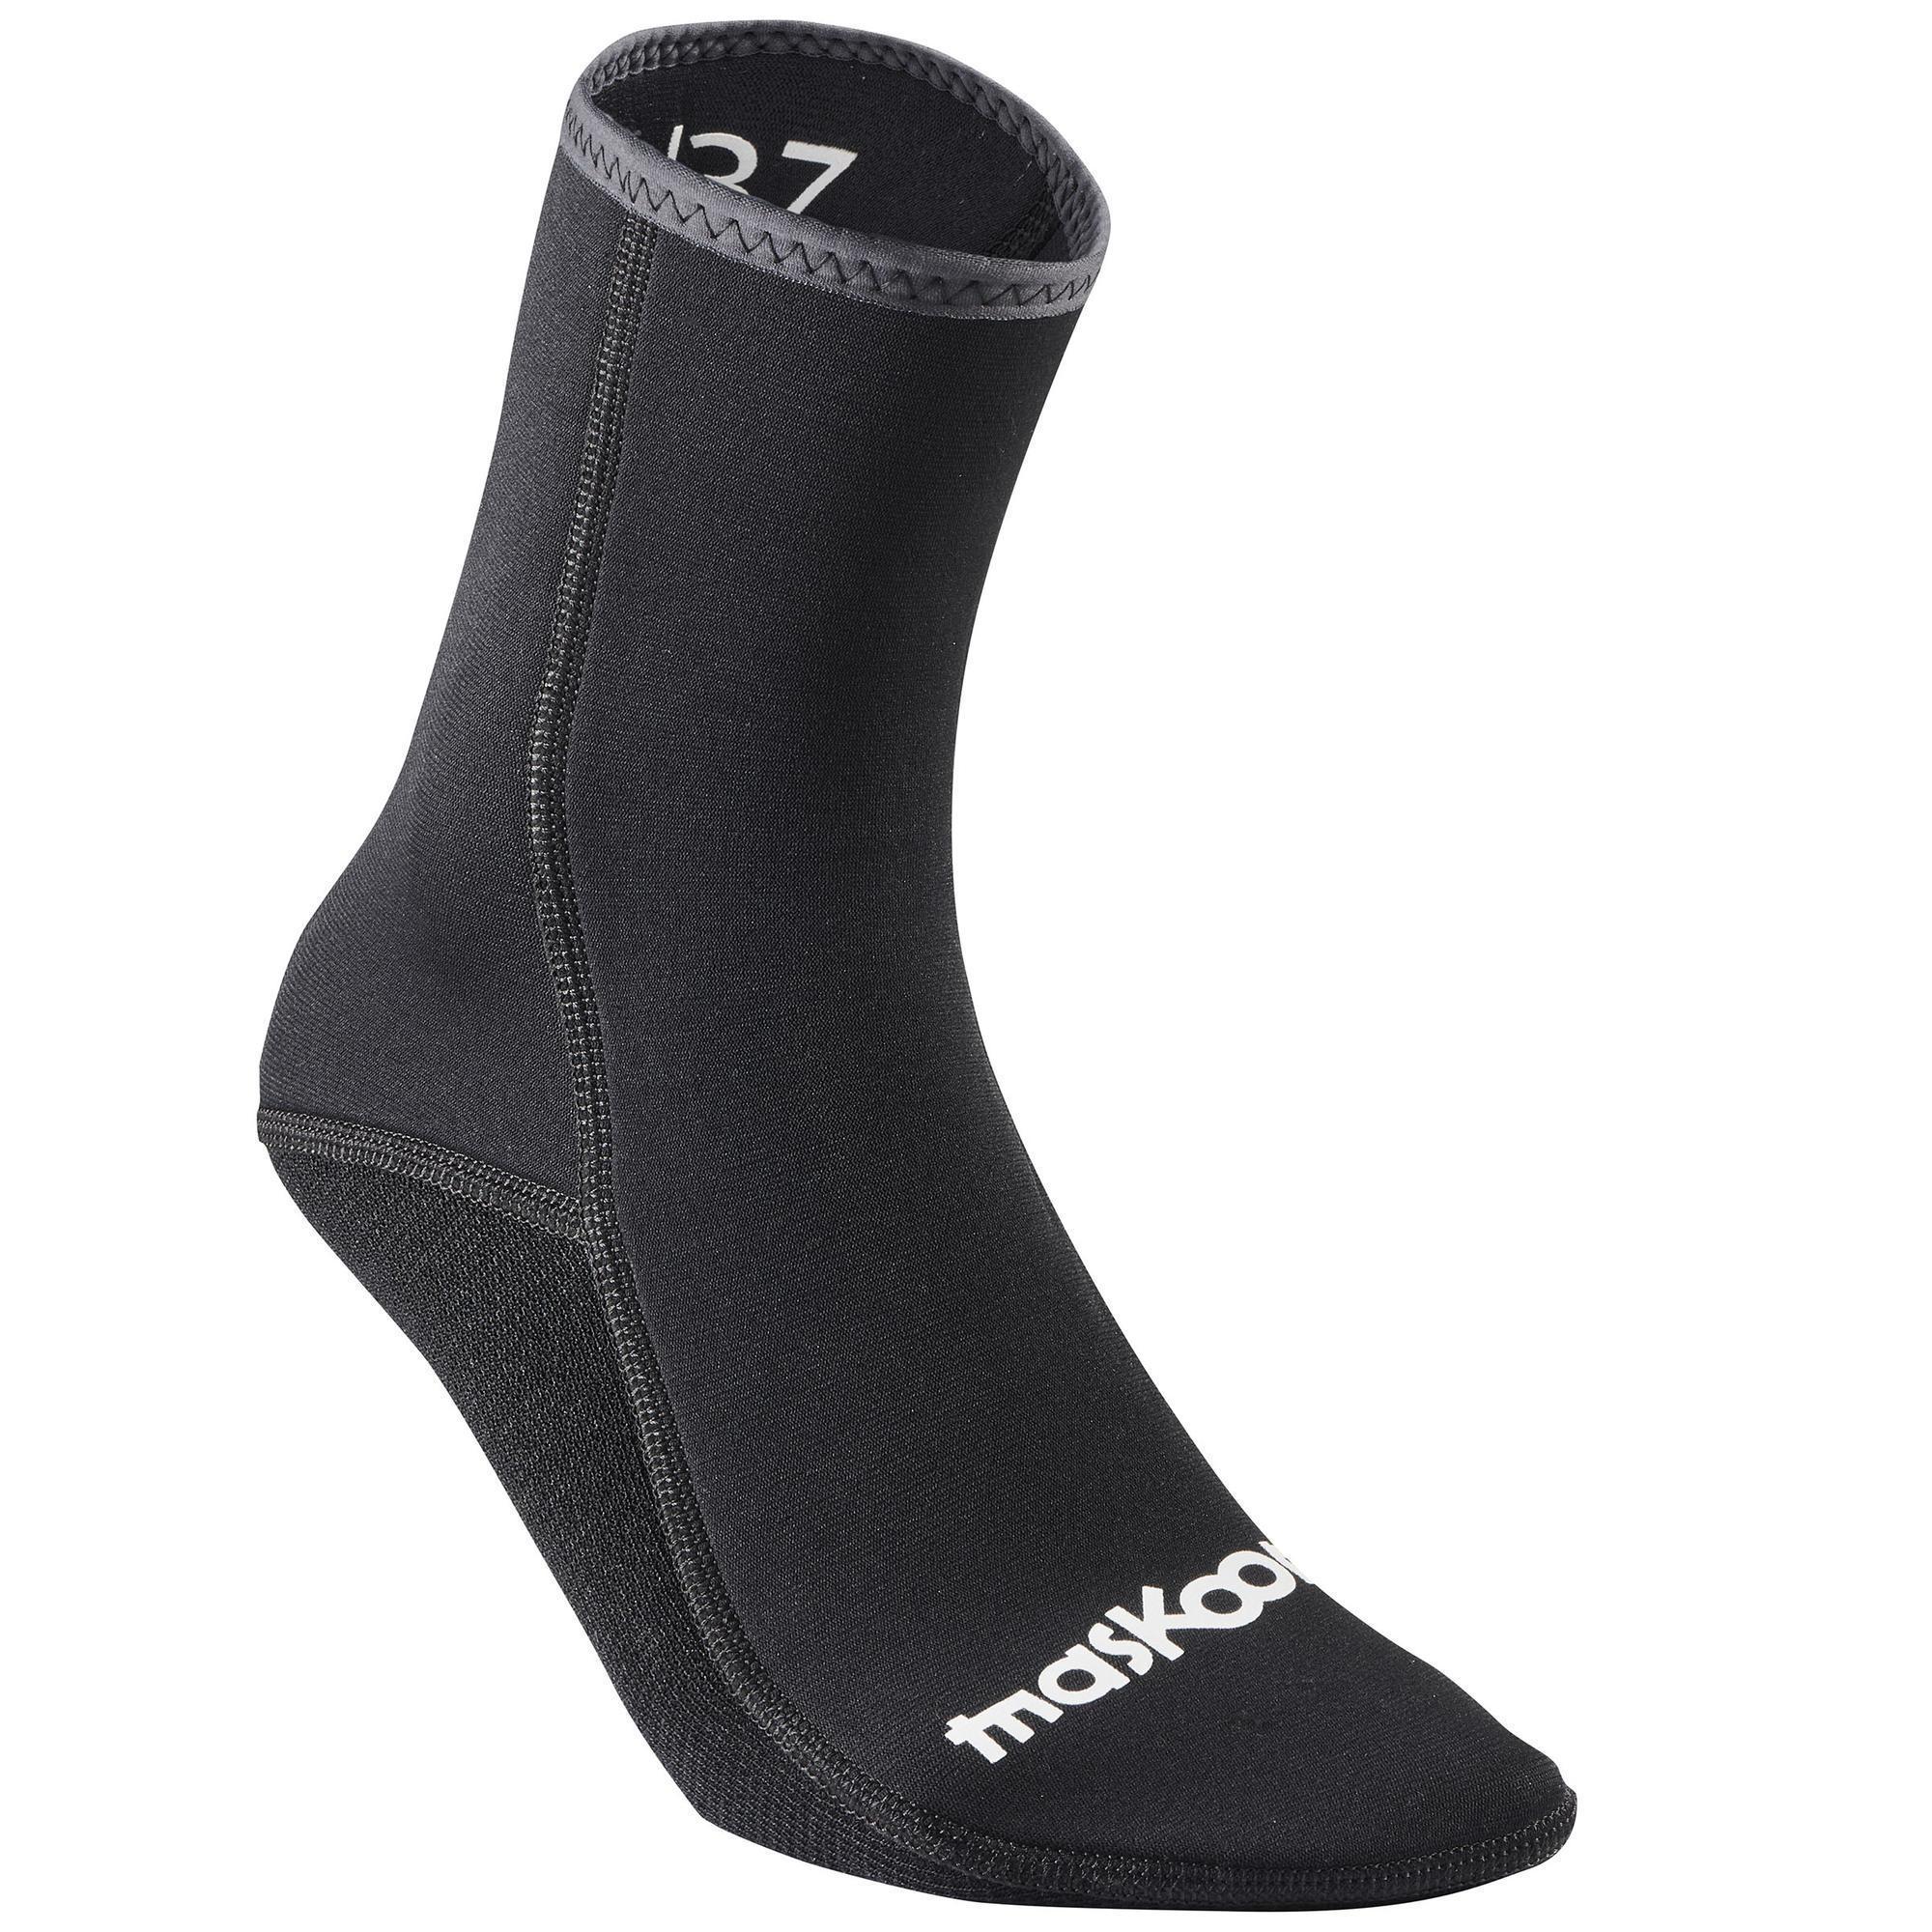 Maskoon Canyoning sokken 3 mm